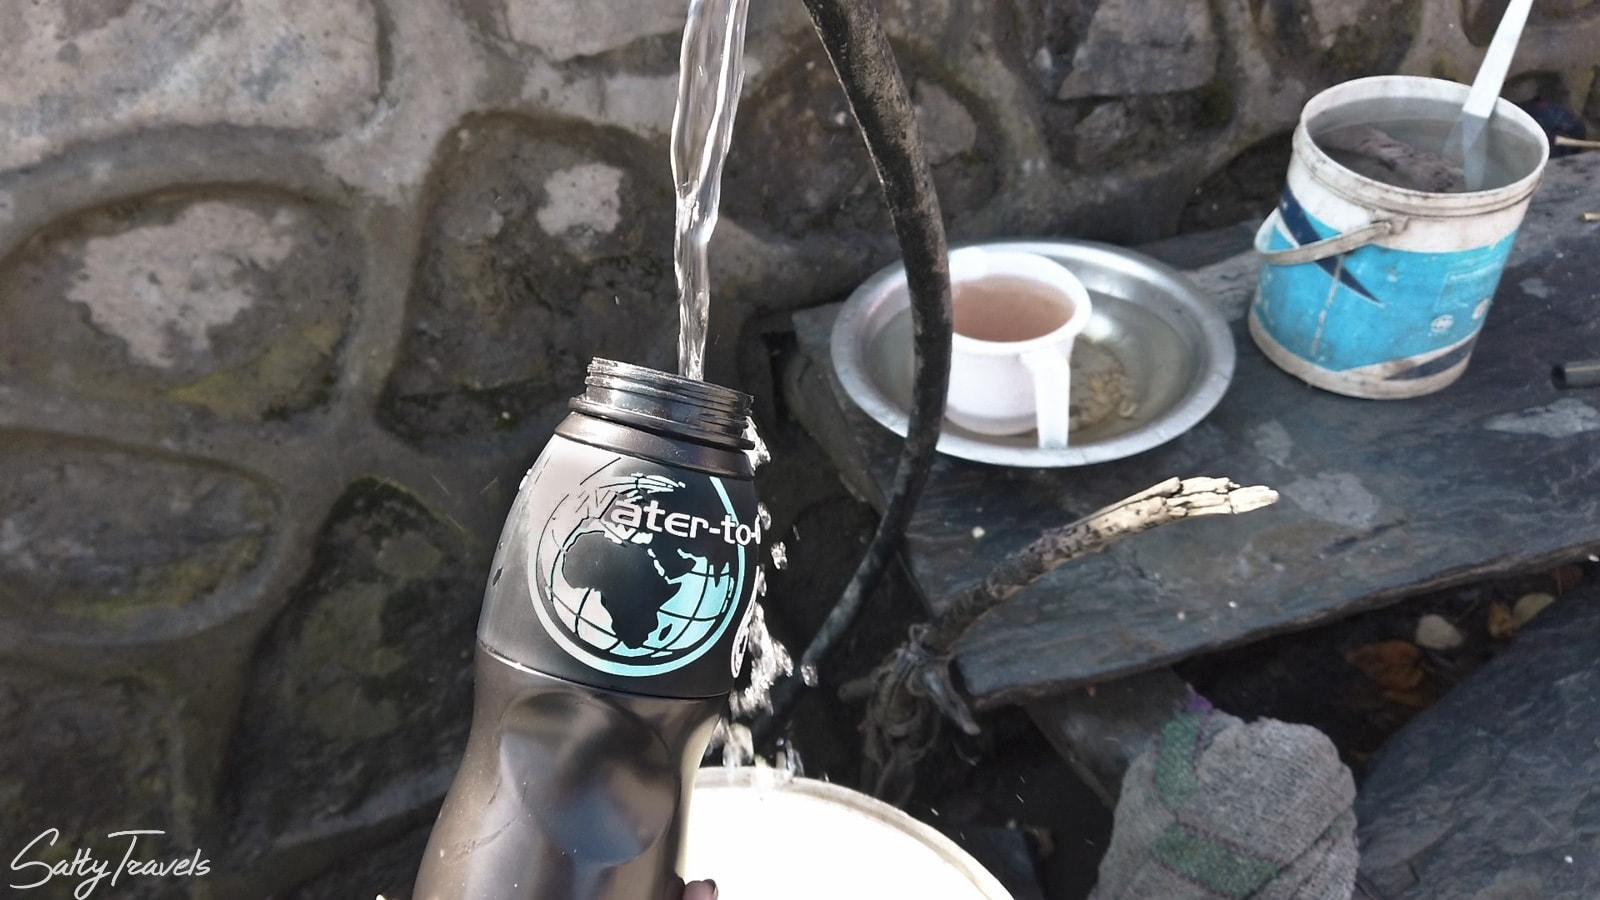 Butelka Water-to-Go Nepal